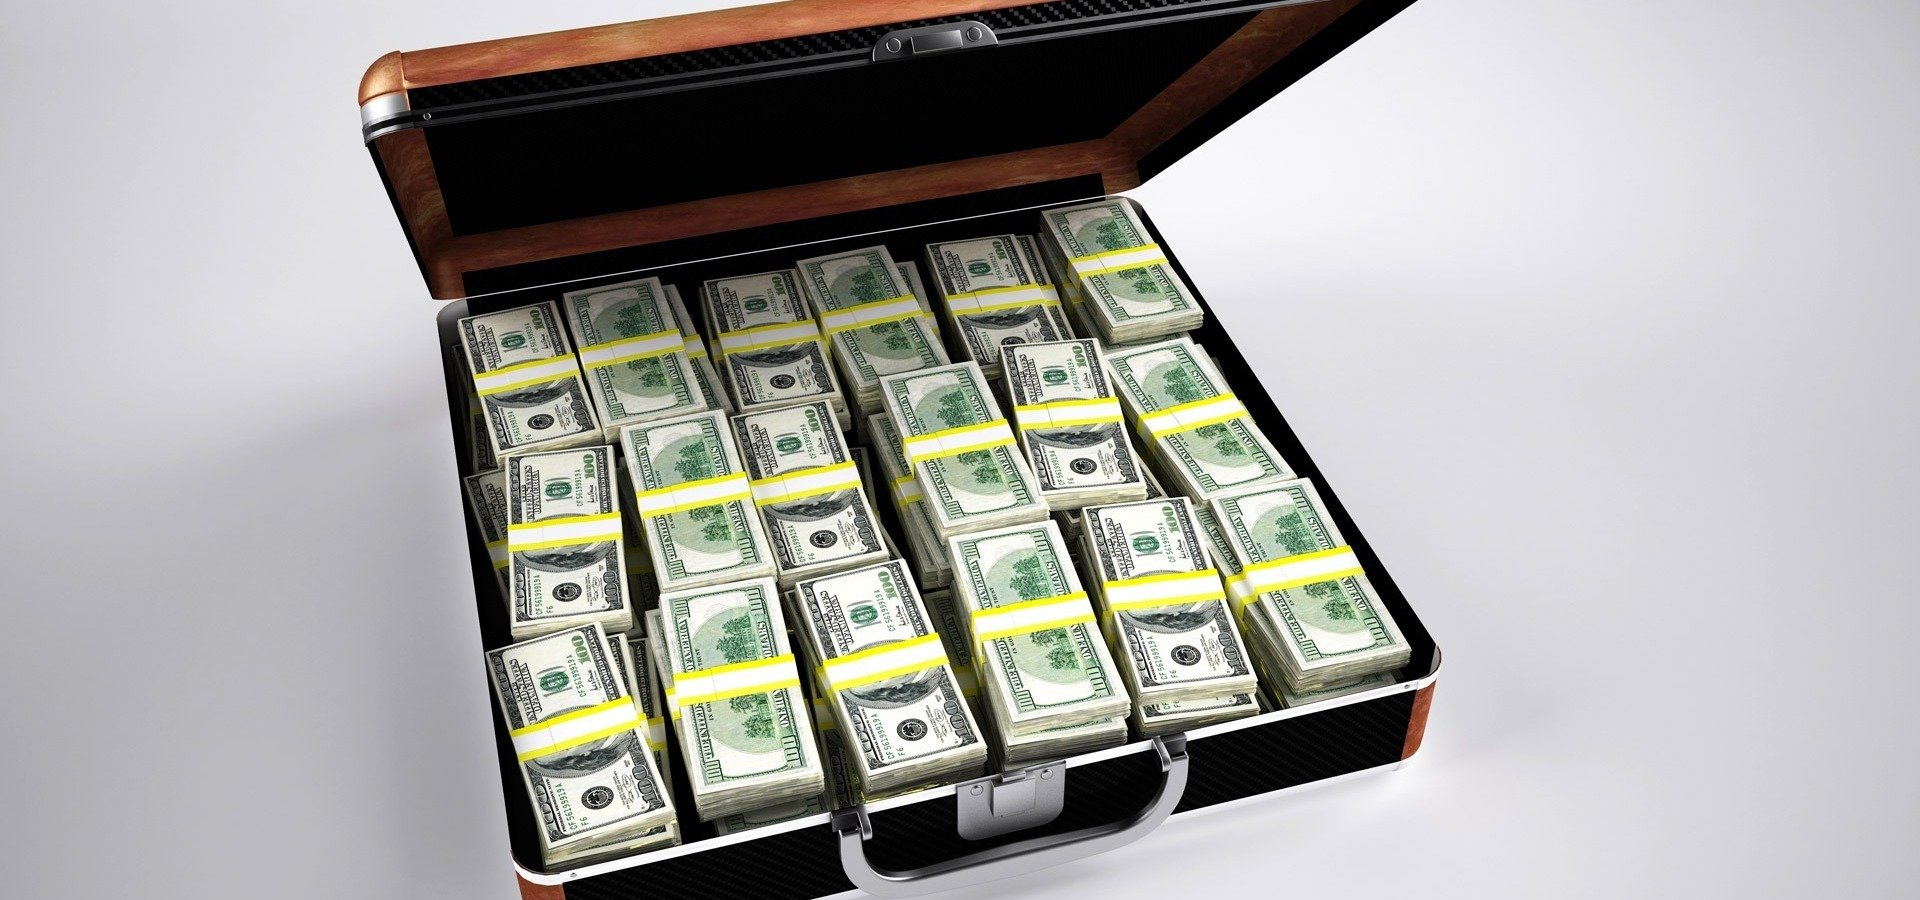 Członkowie zarządu holdingu medycznego oskarżeni o pranie brudnych pieniędzy